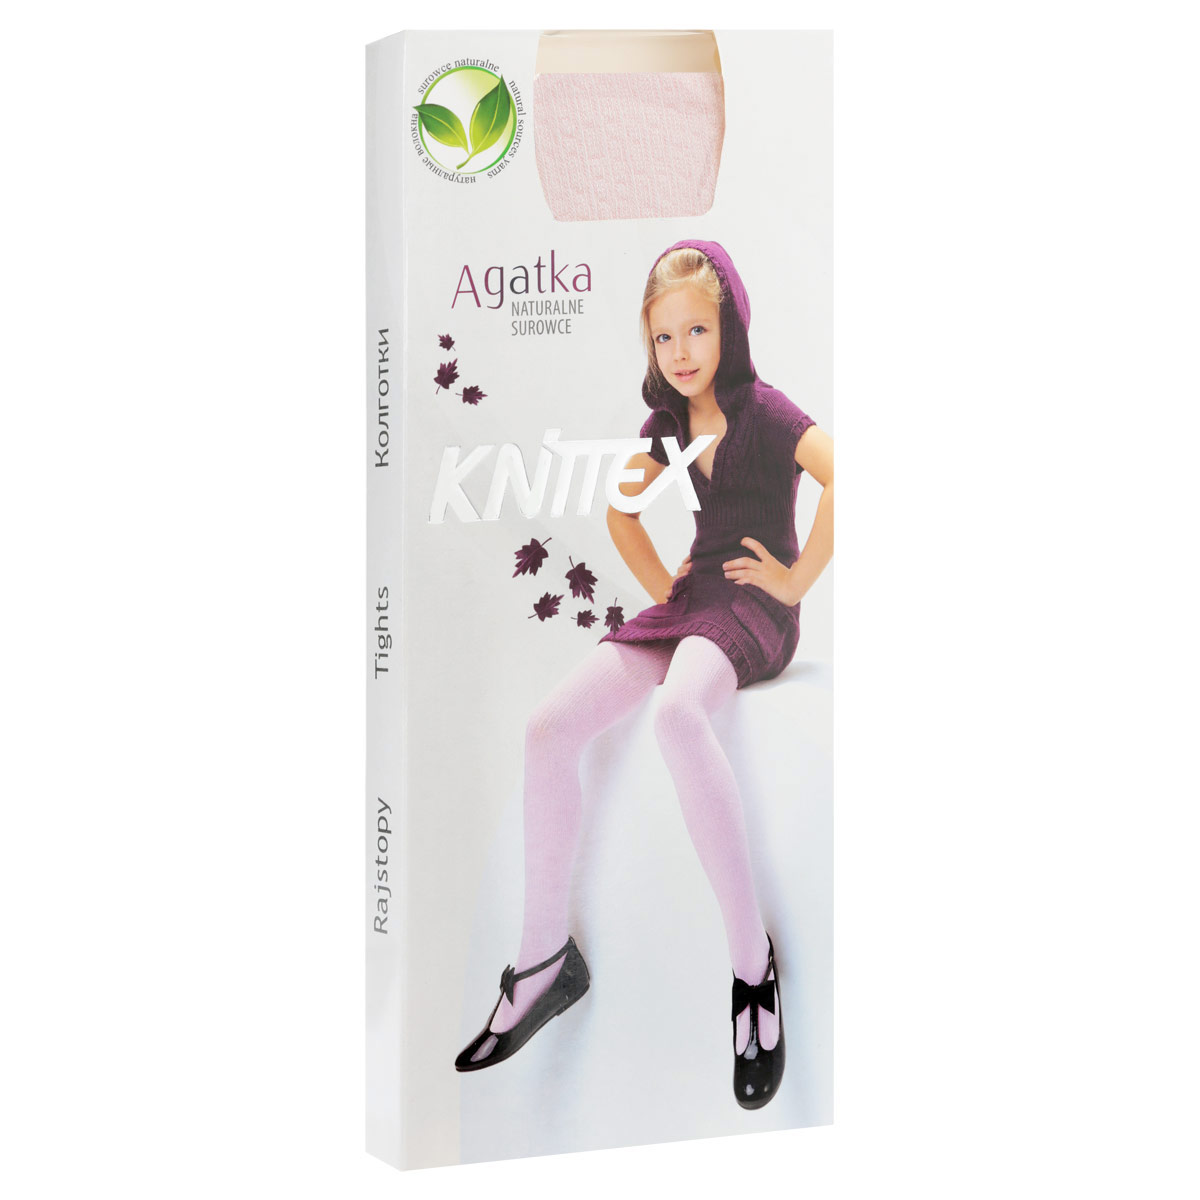 Колготки для девочки Knittex Agatka, цвет: светло-розовый. RDZAGATKA_2. Размер 104/110, 4-5 лет